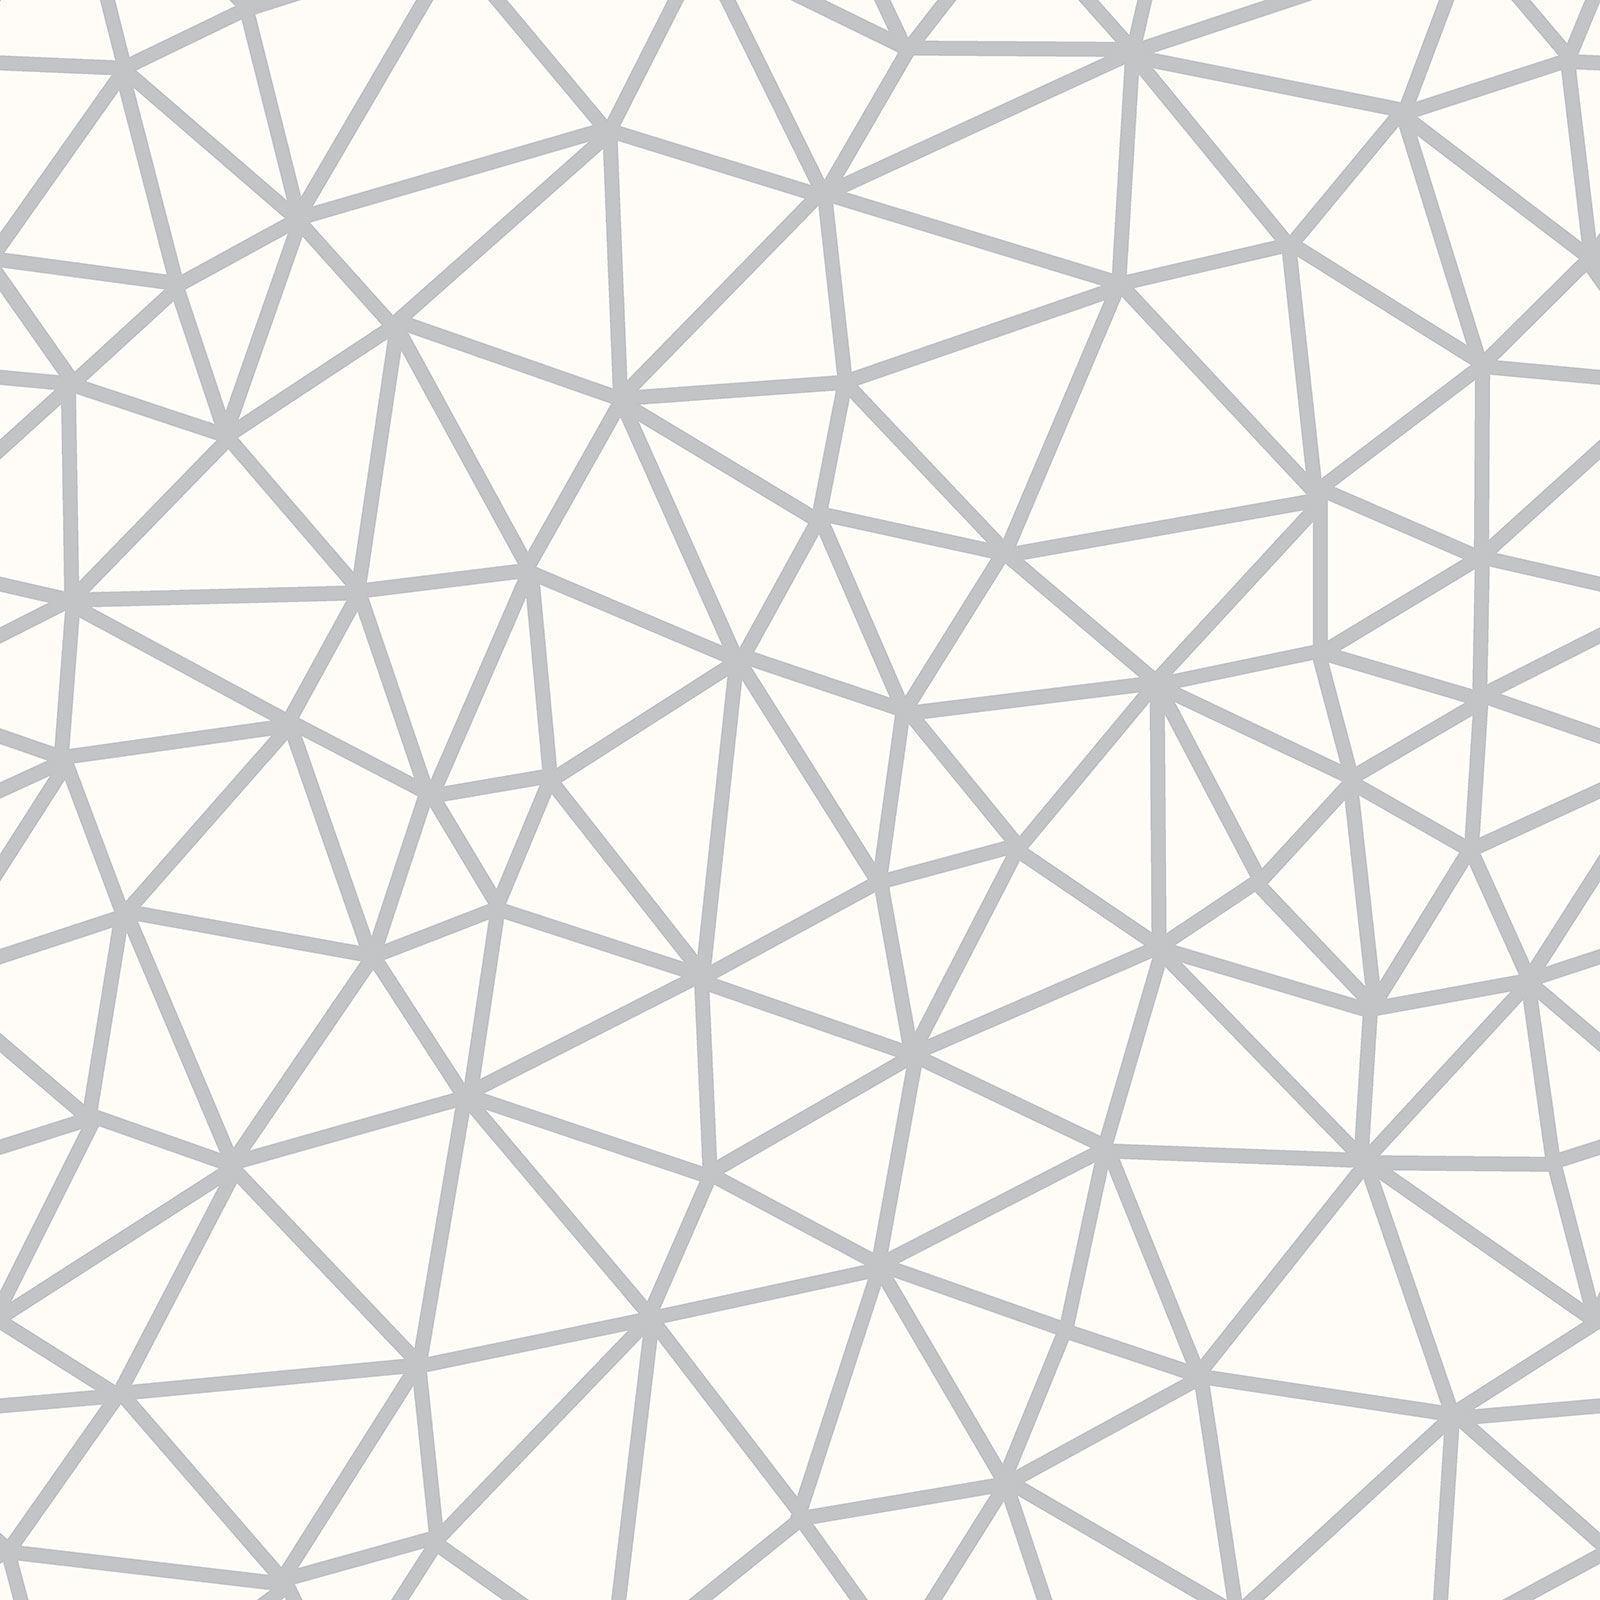 Symetrie Geometrique Triangle 310009 Papier Peint Blanc Argent Rasch